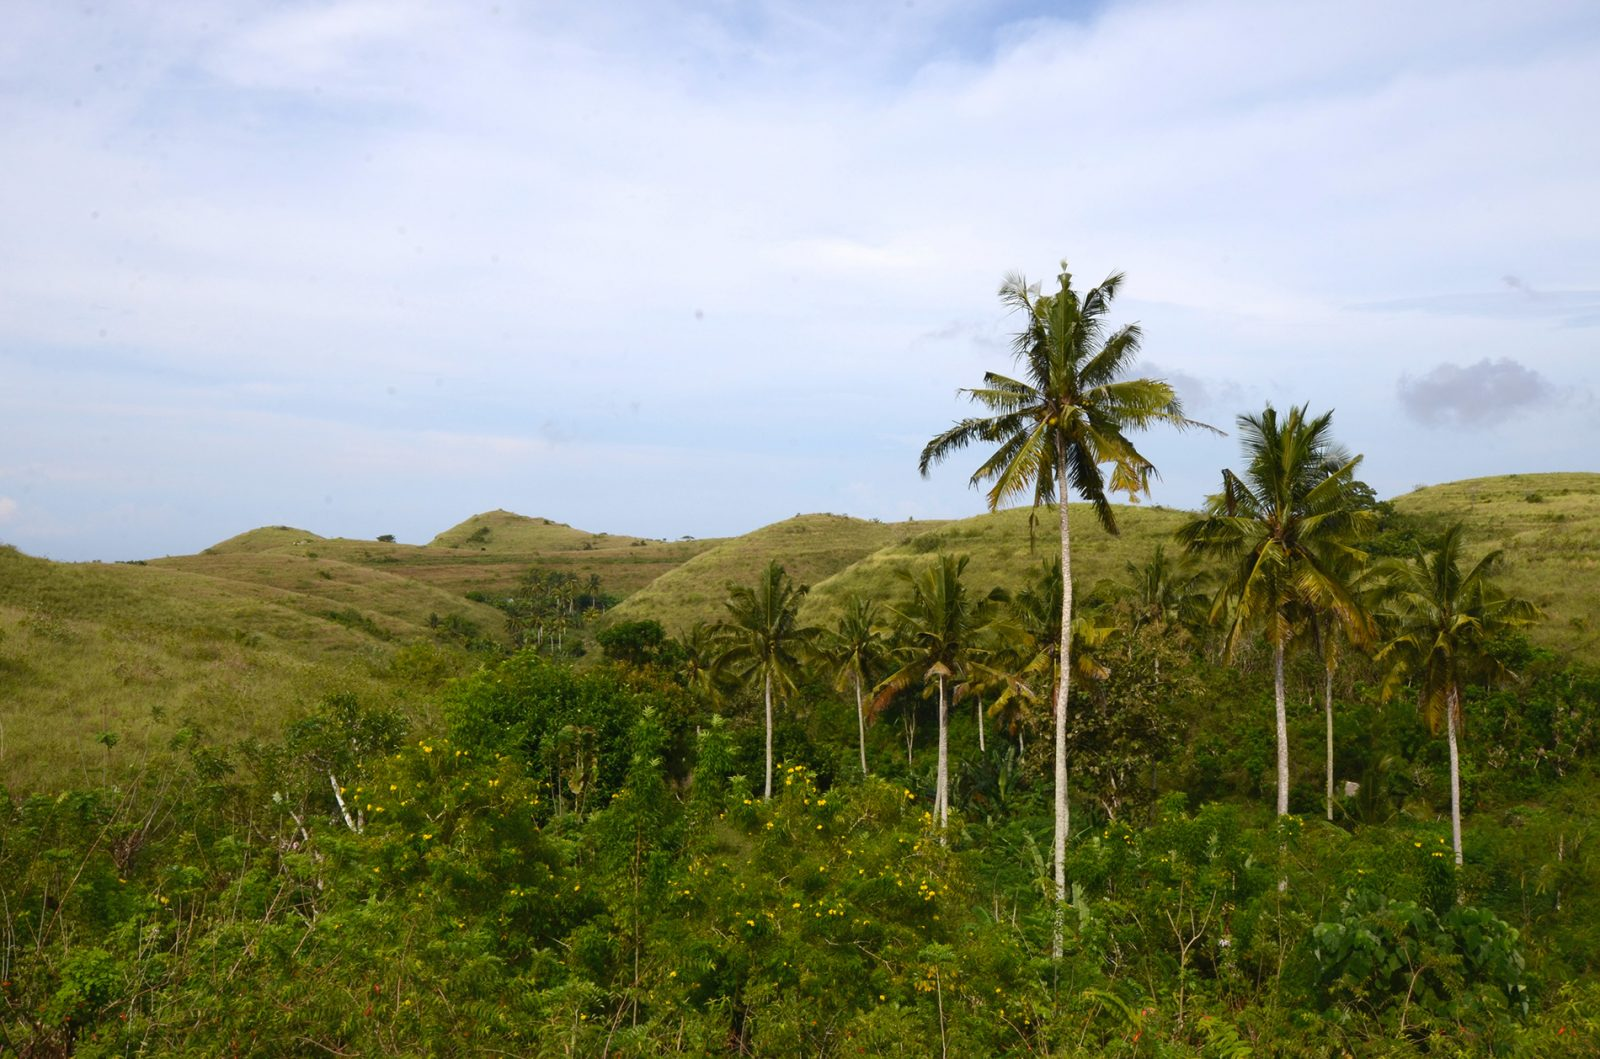 ペニダ島の自然